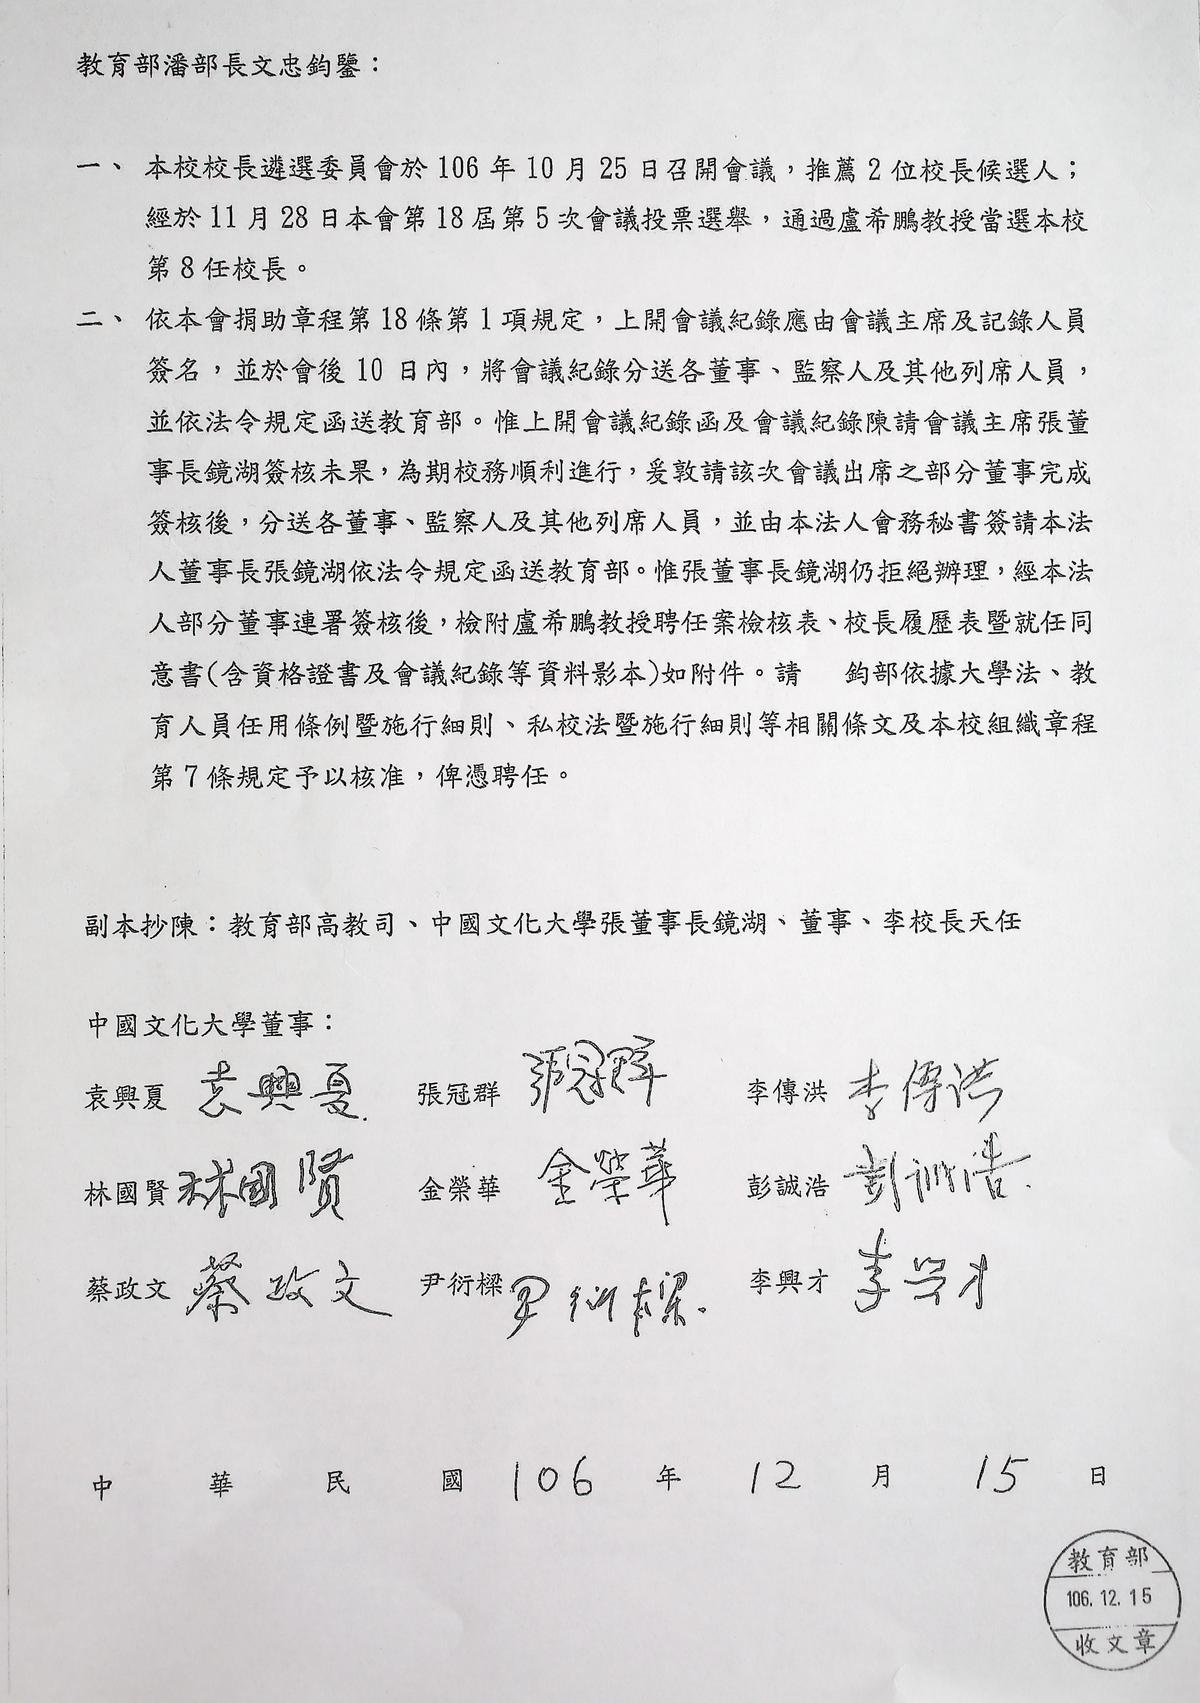 文大董事長張鏡湖拒絕簽署新校長當選公文,刻意阻撓新校長上任,9位董事聯名向教育部長潘文忠陳情。